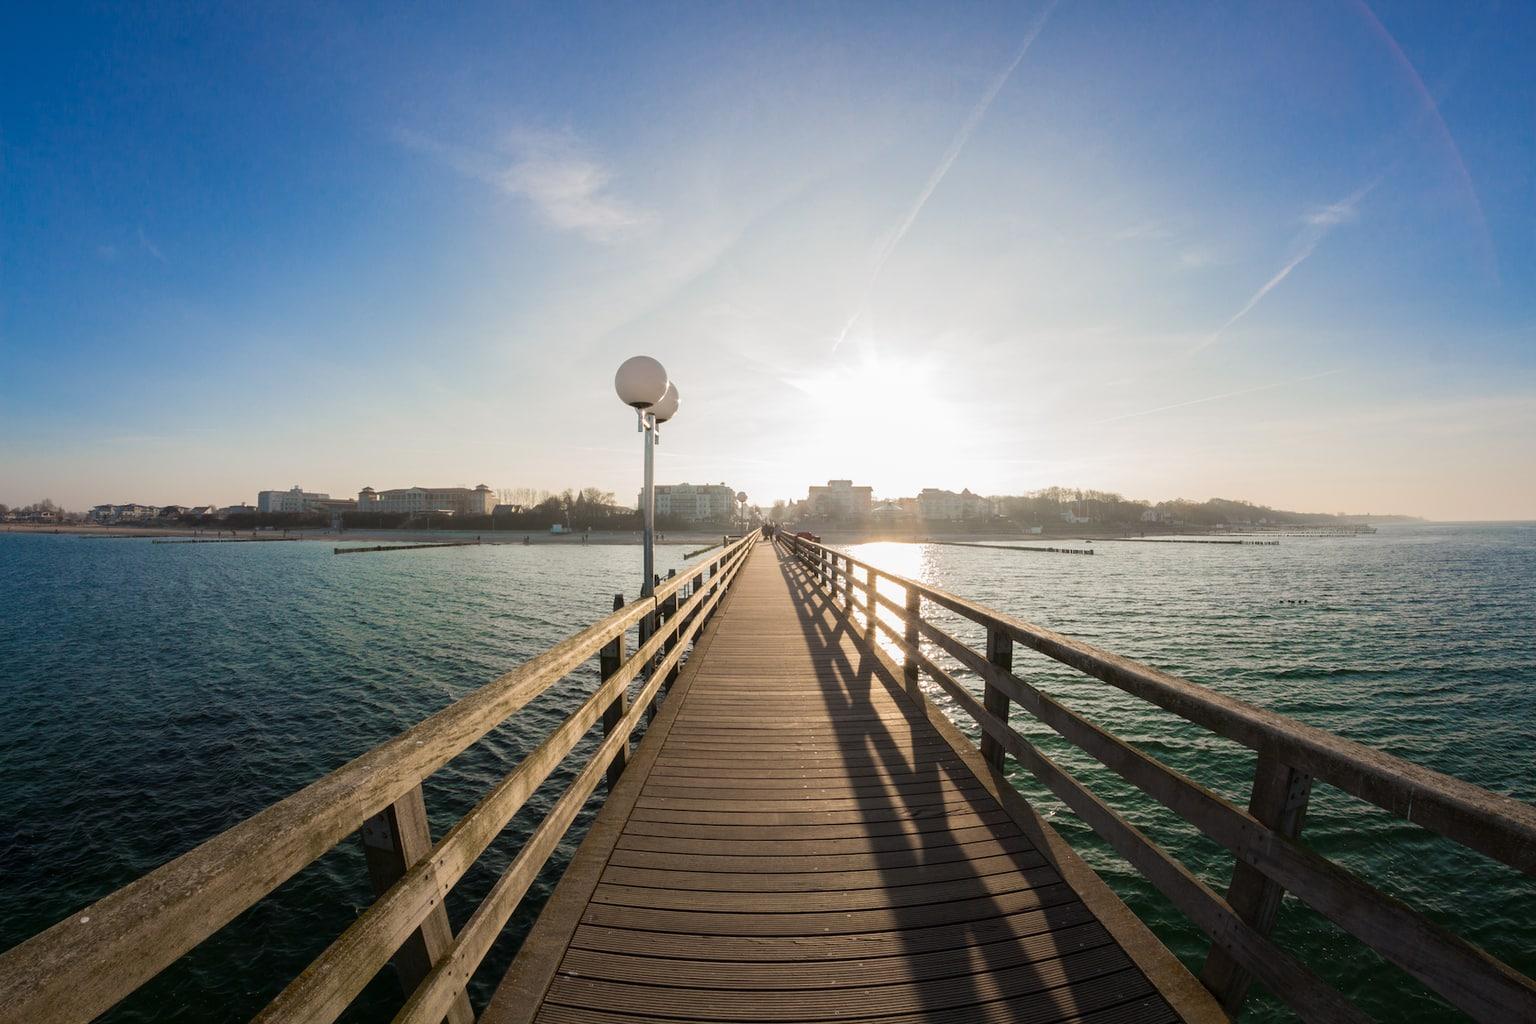 De zeebrug van Kühlungsborn an de Duitse oostzeekust